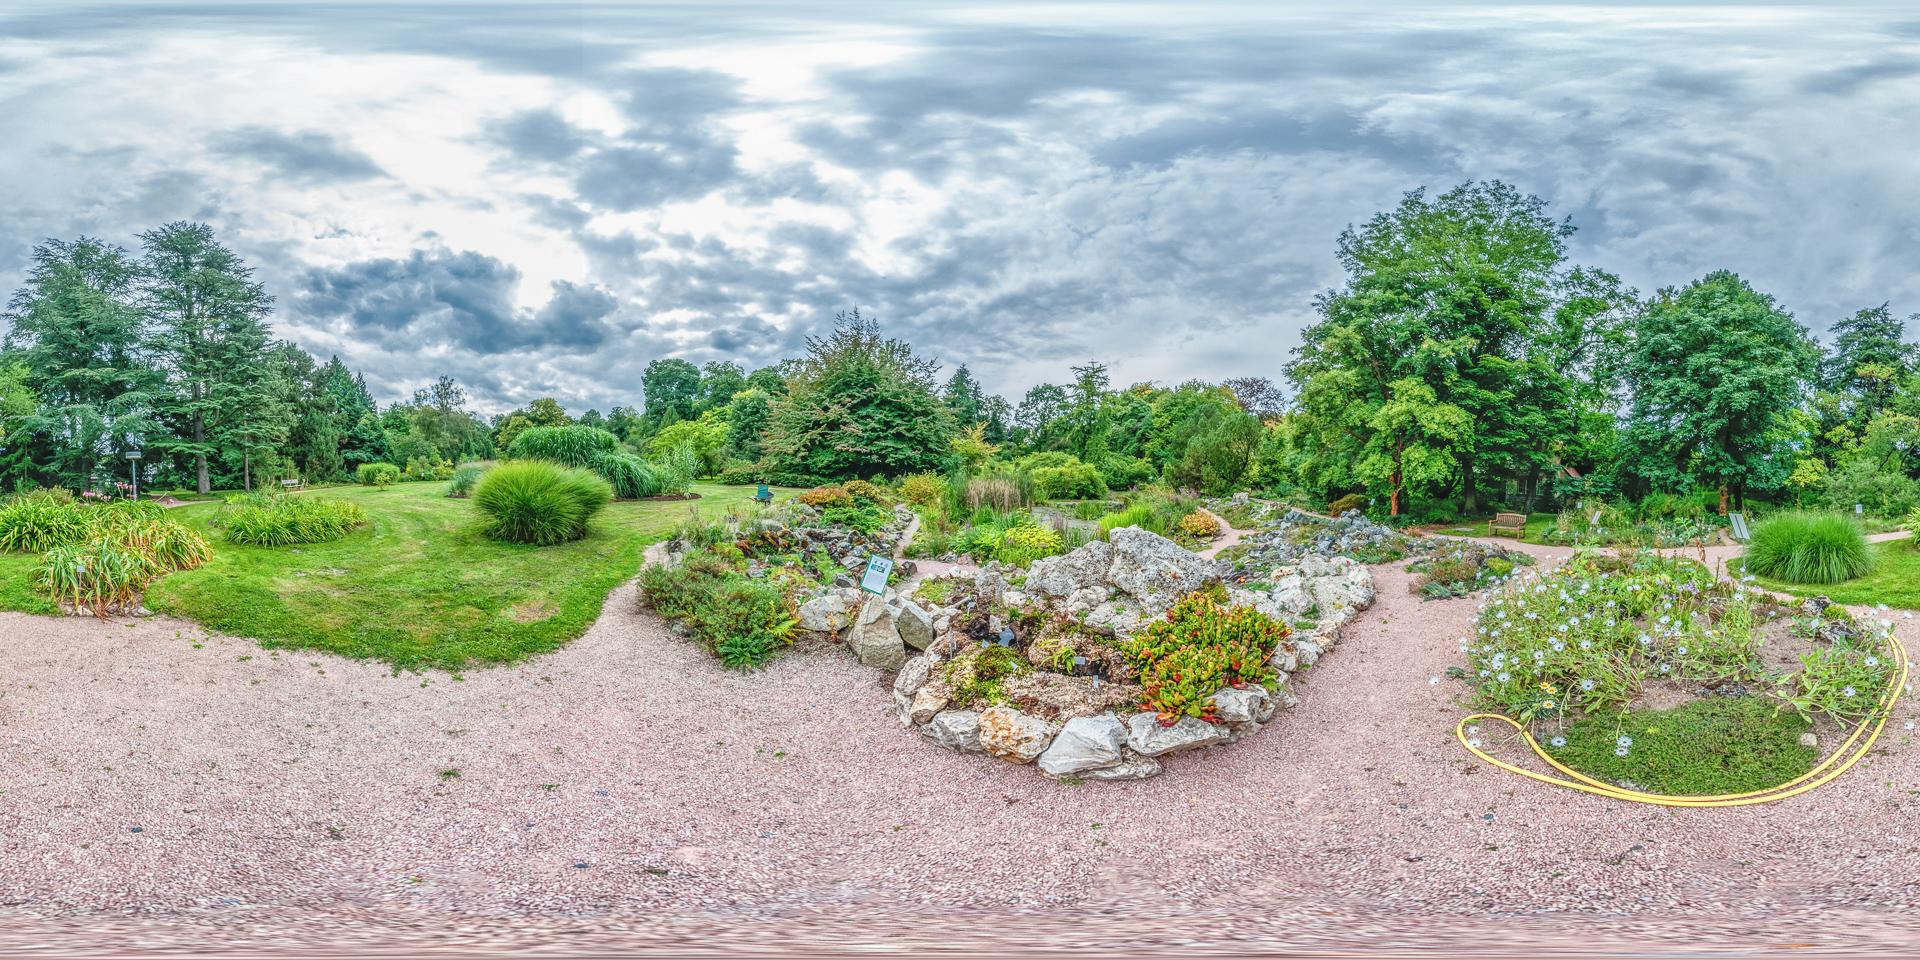 Botanischer-Garten-Darmstadt-Alpinum